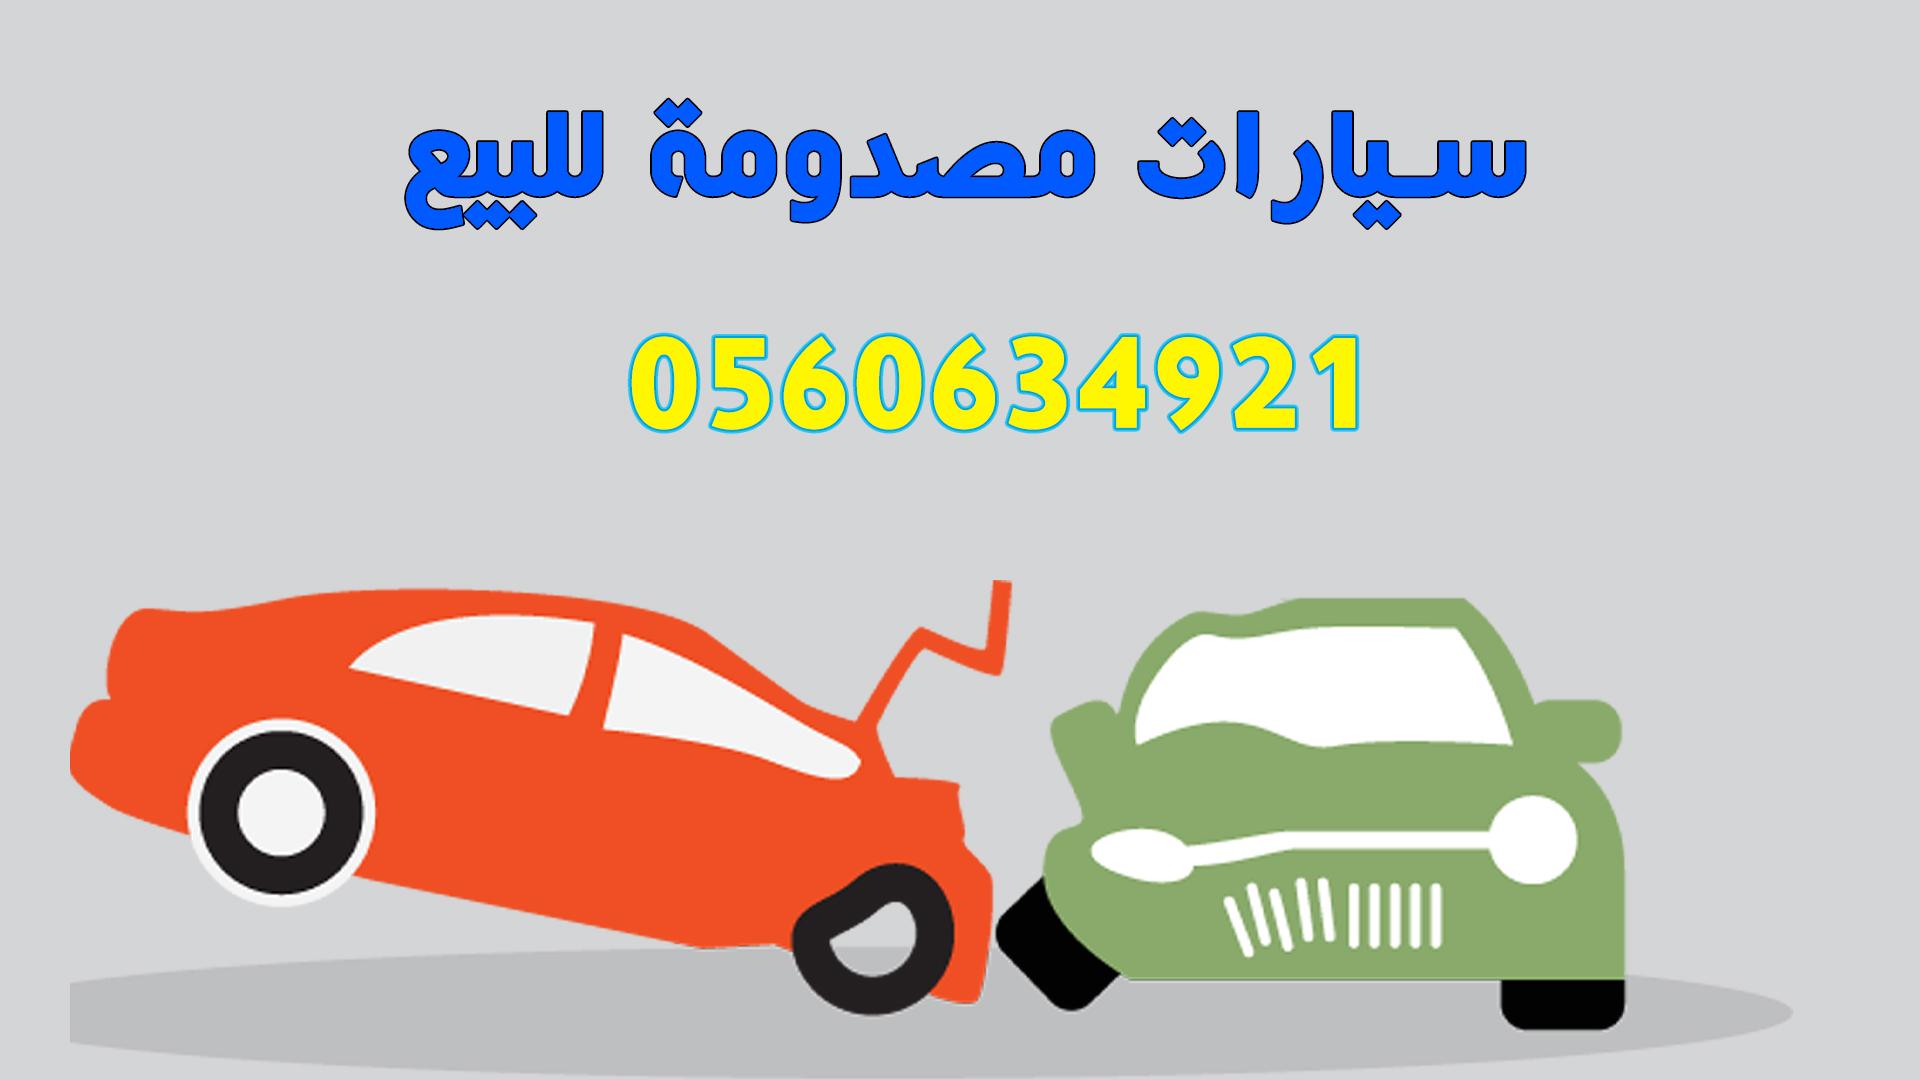 سيارات مصدومة للبيع تشليح سيارات بالسعودية شراء سيارات تشليح كوم 0560634921